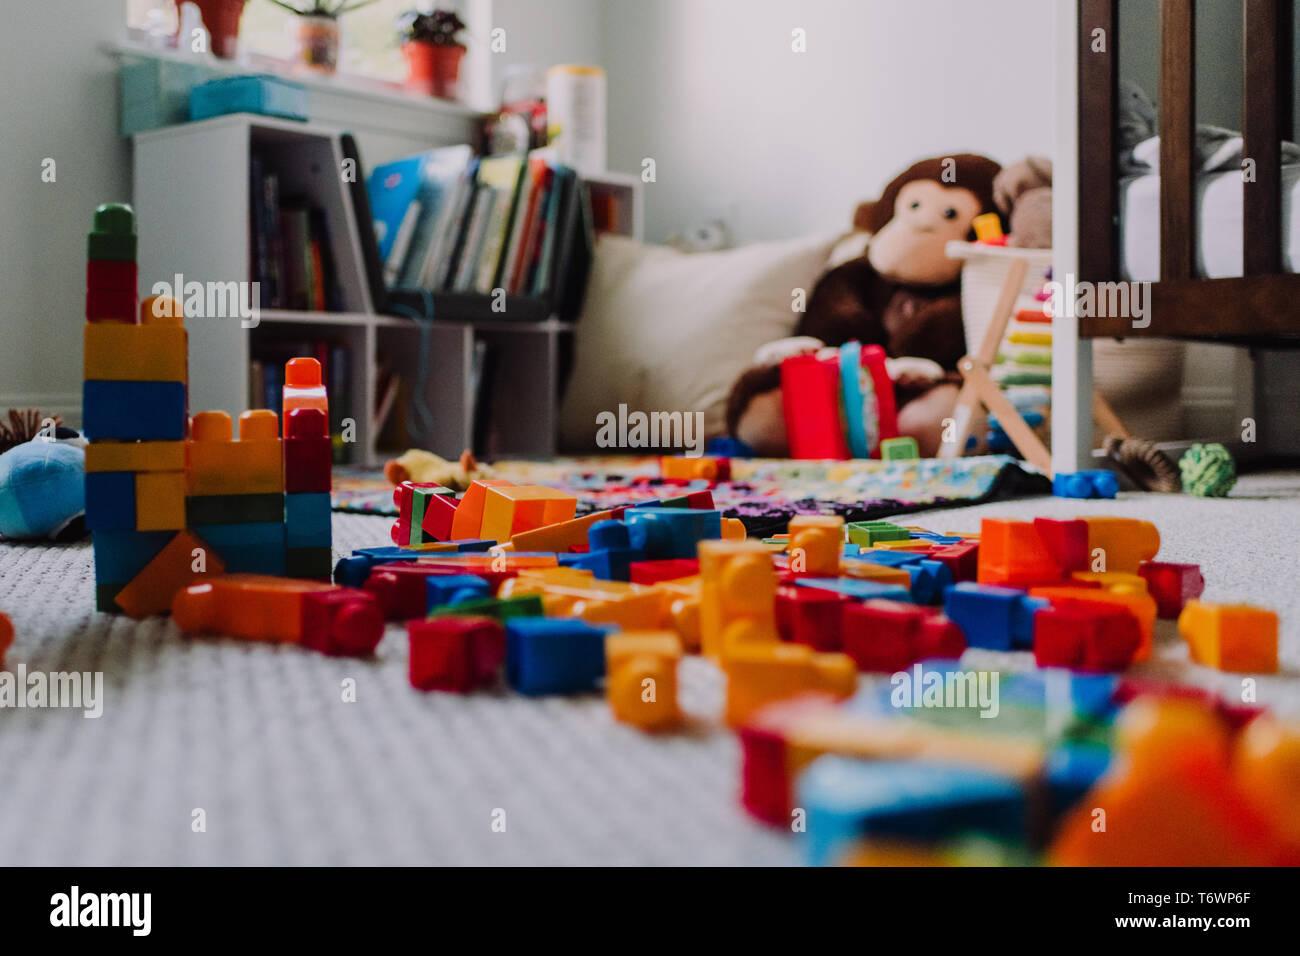 Messy blocks in child's room - Stock Image